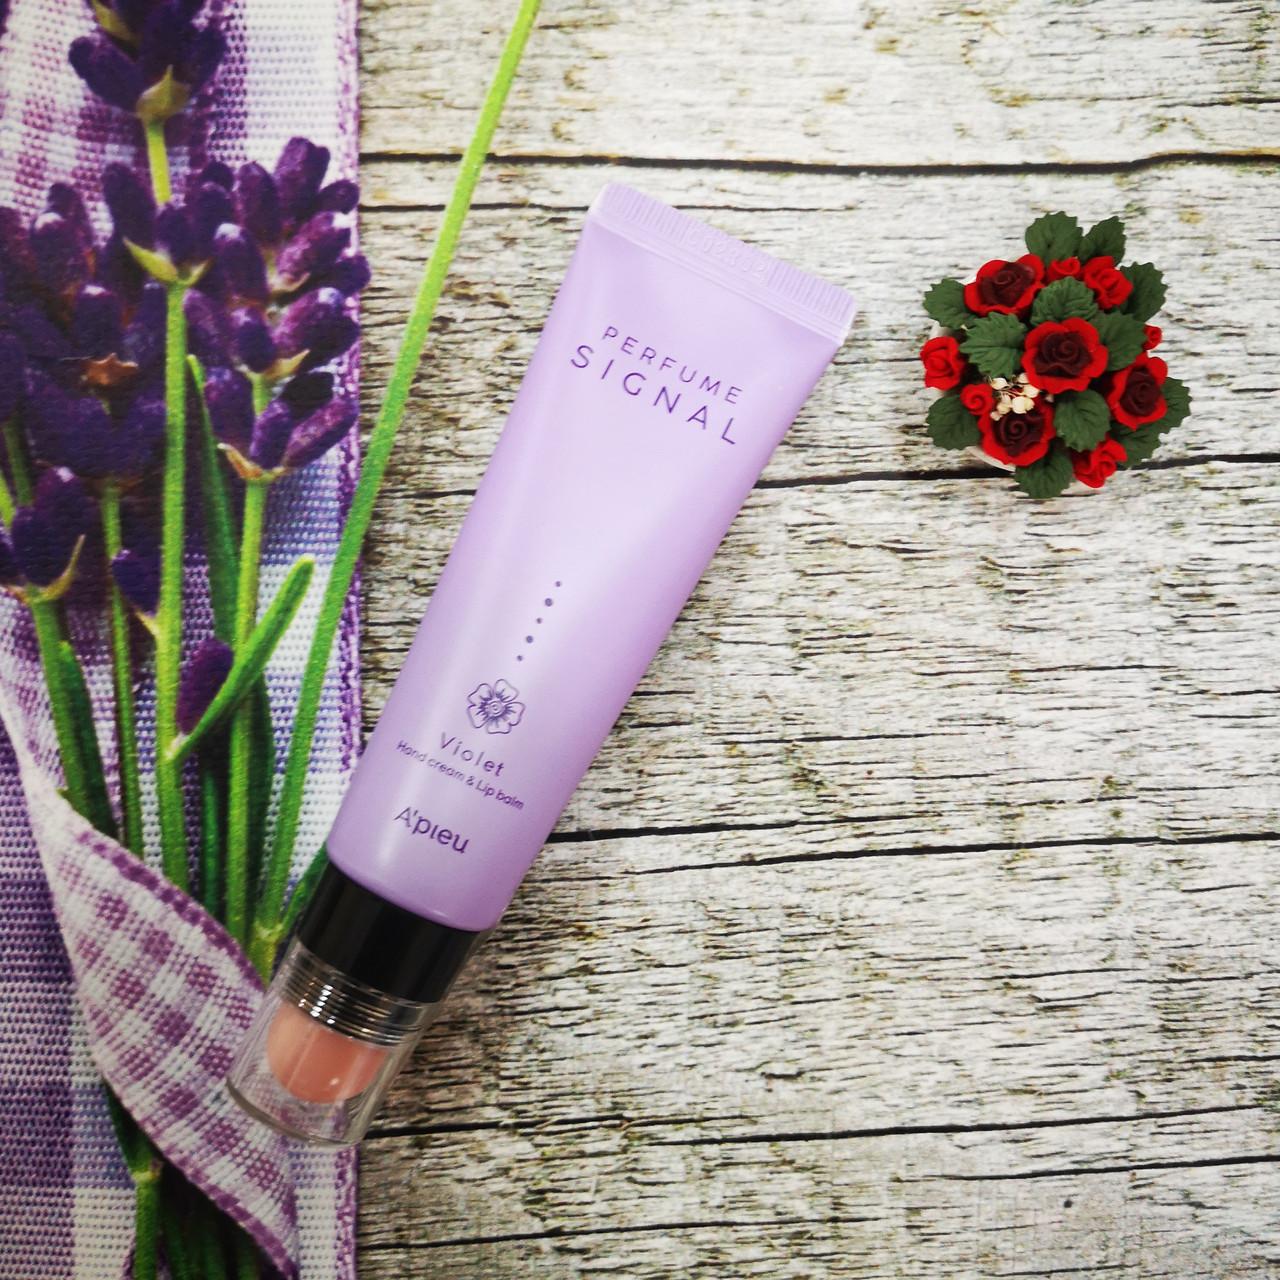 Парфюмированный крем для рук и бальзам для губ Apieu фиалка Perfume Signal Violet